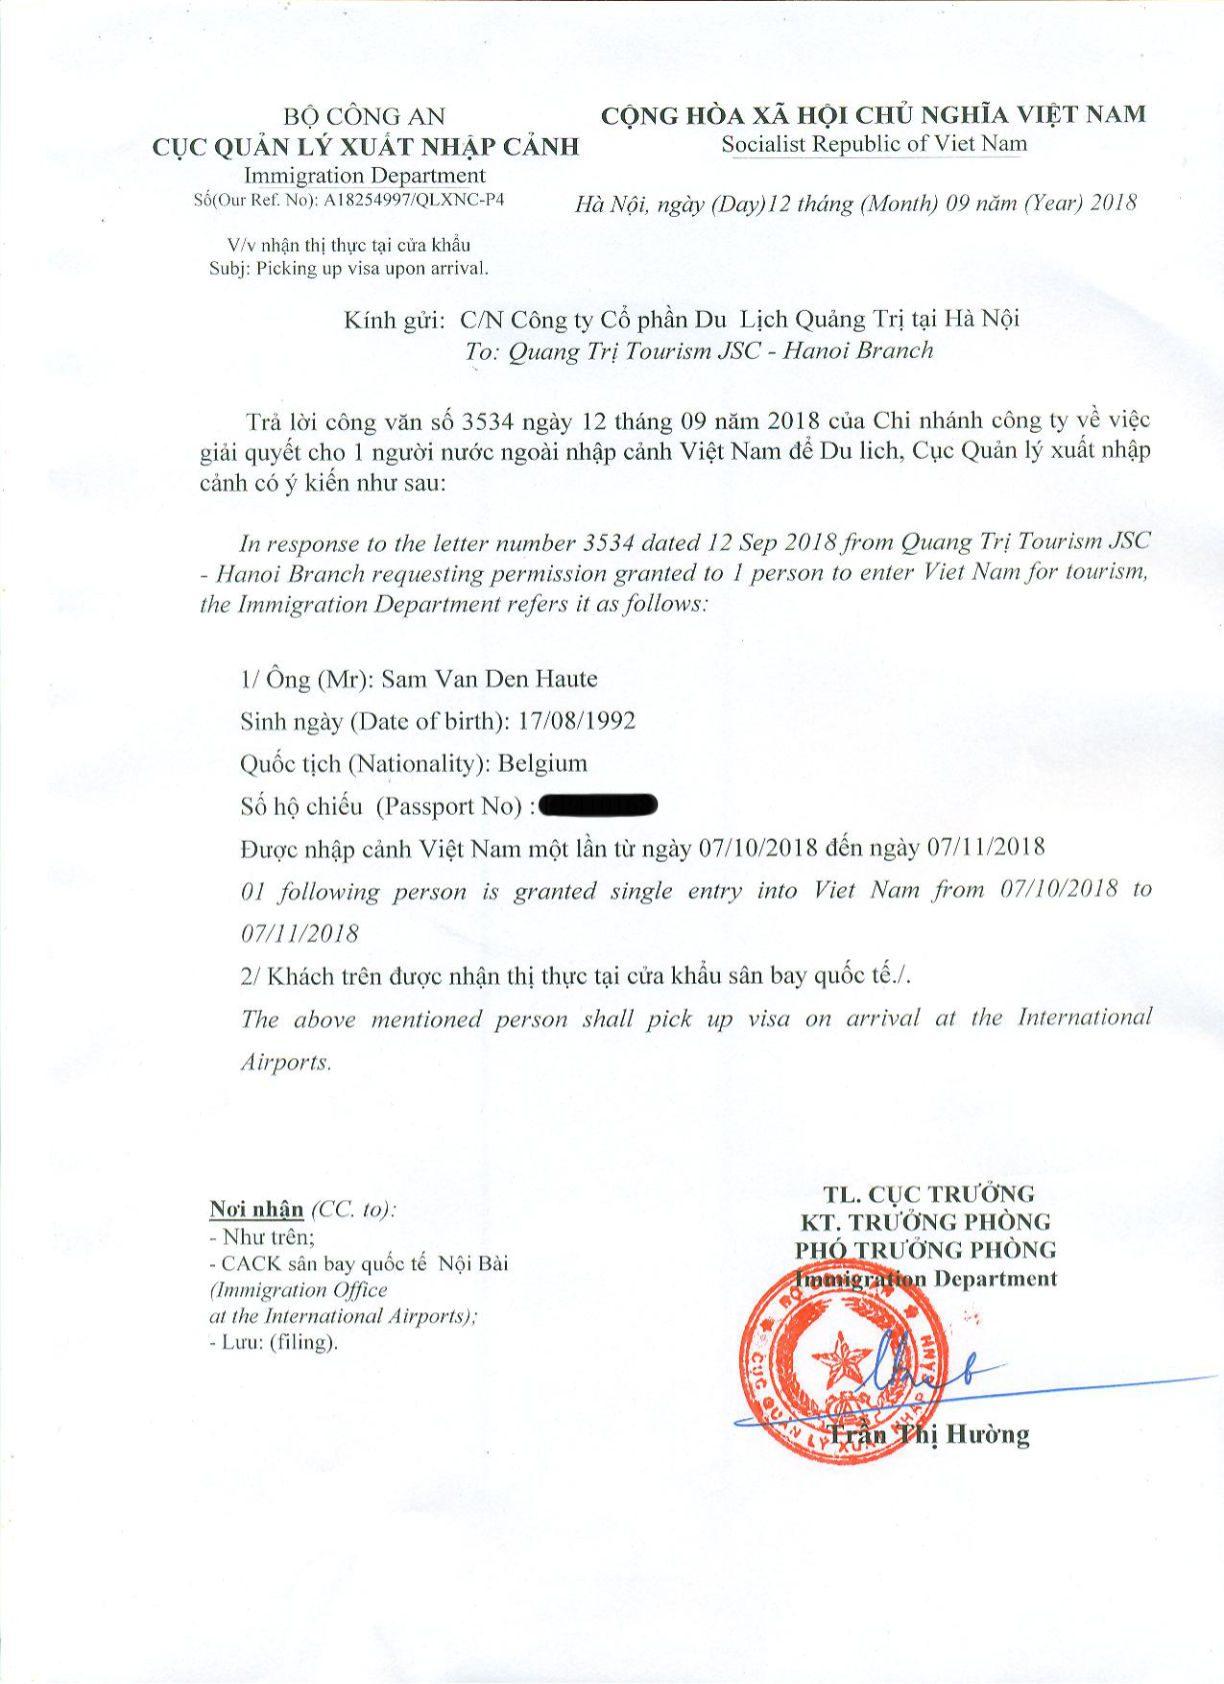 voorbeeld voa vietnam visum